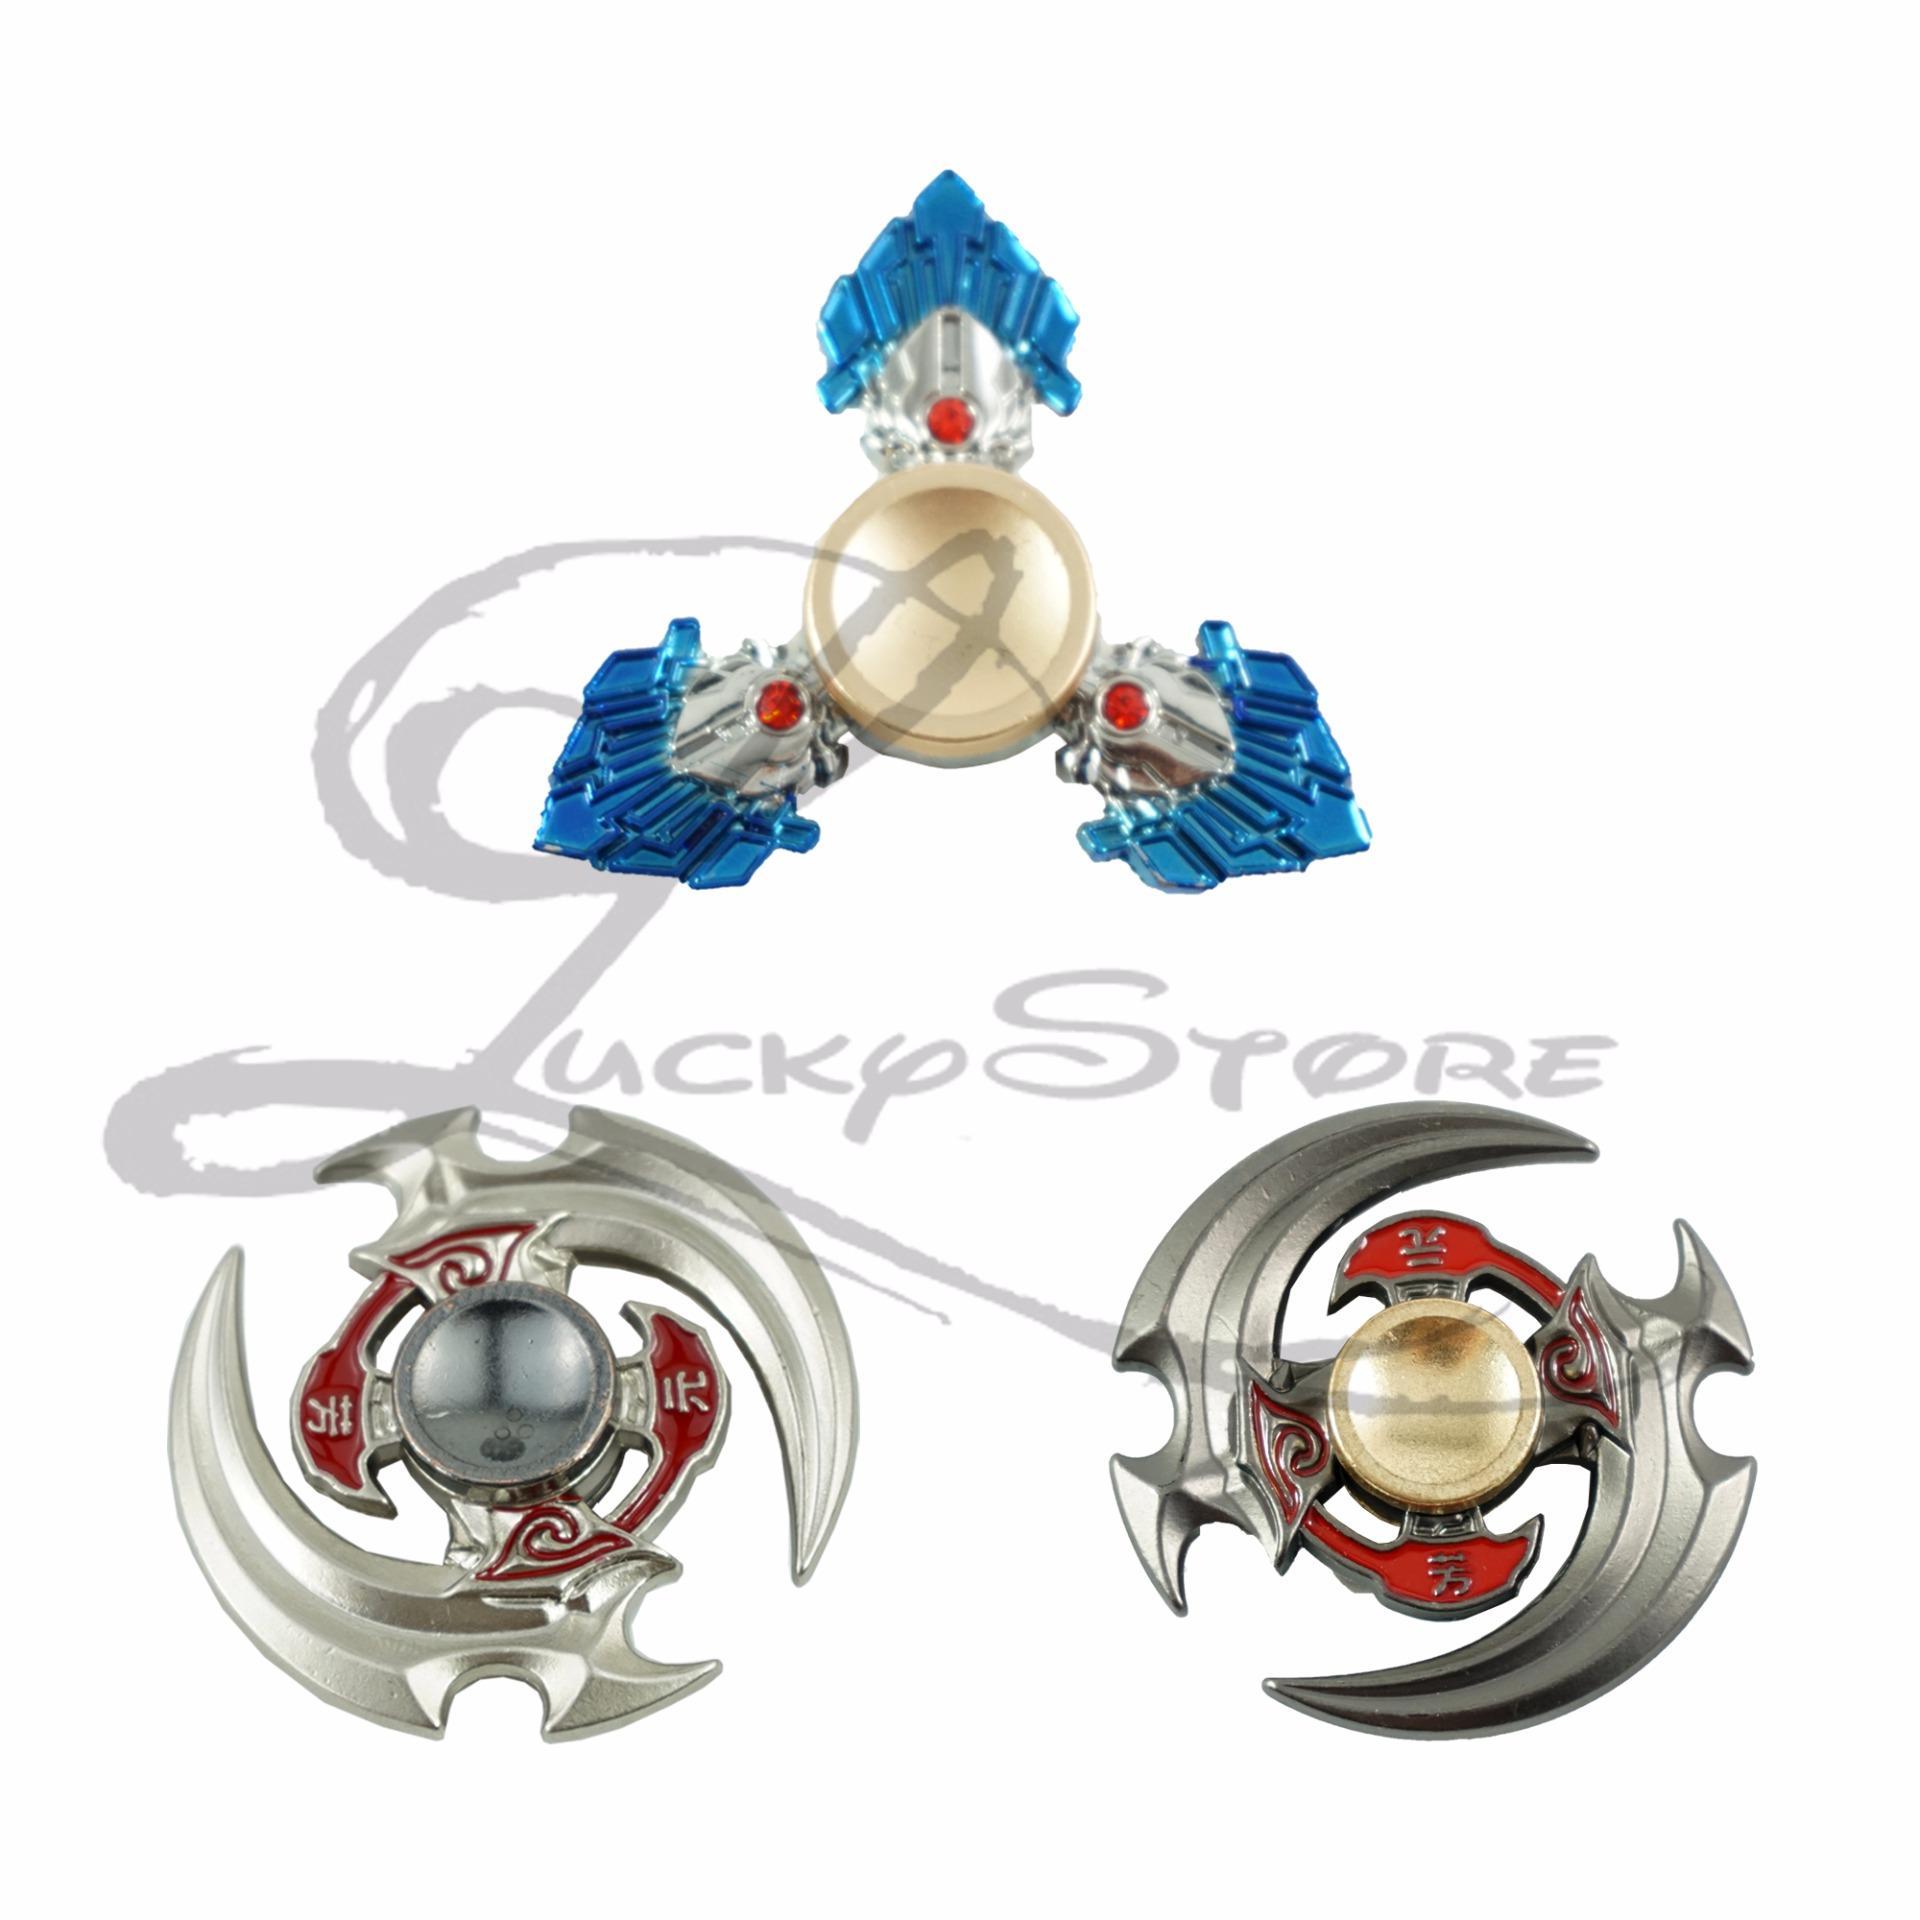 Lucky-Fidget Spinner Hand Spinner Senjata Anime Scythe Boomerang Diamond Sapphire Spiner Besi Hand